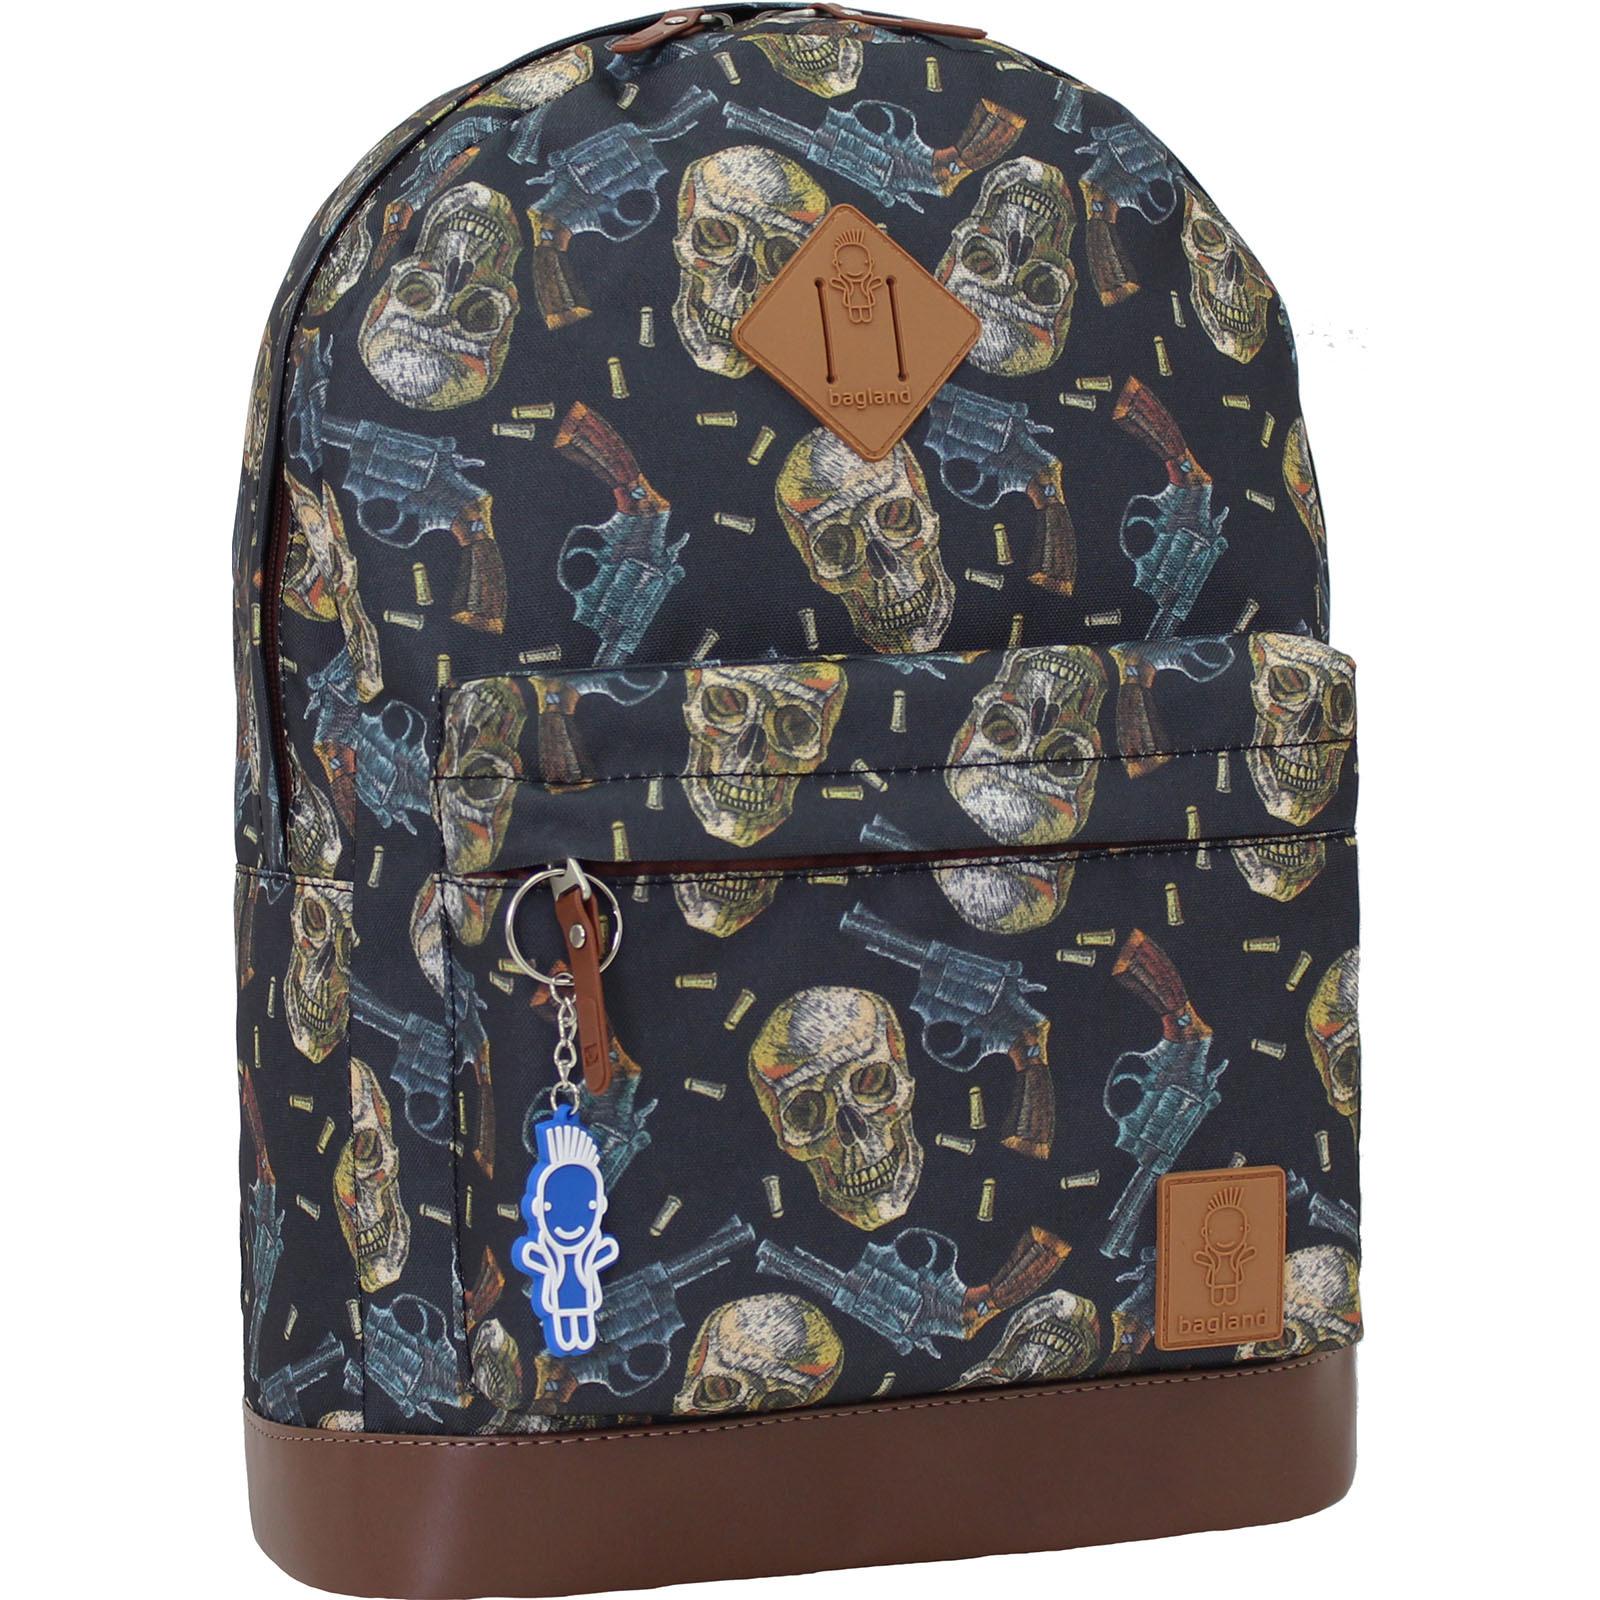 Городские рюкзаки Рюкзак Bagland Молодежный 17 л. сублімація 319 (005336640) IMG_9748.JPG